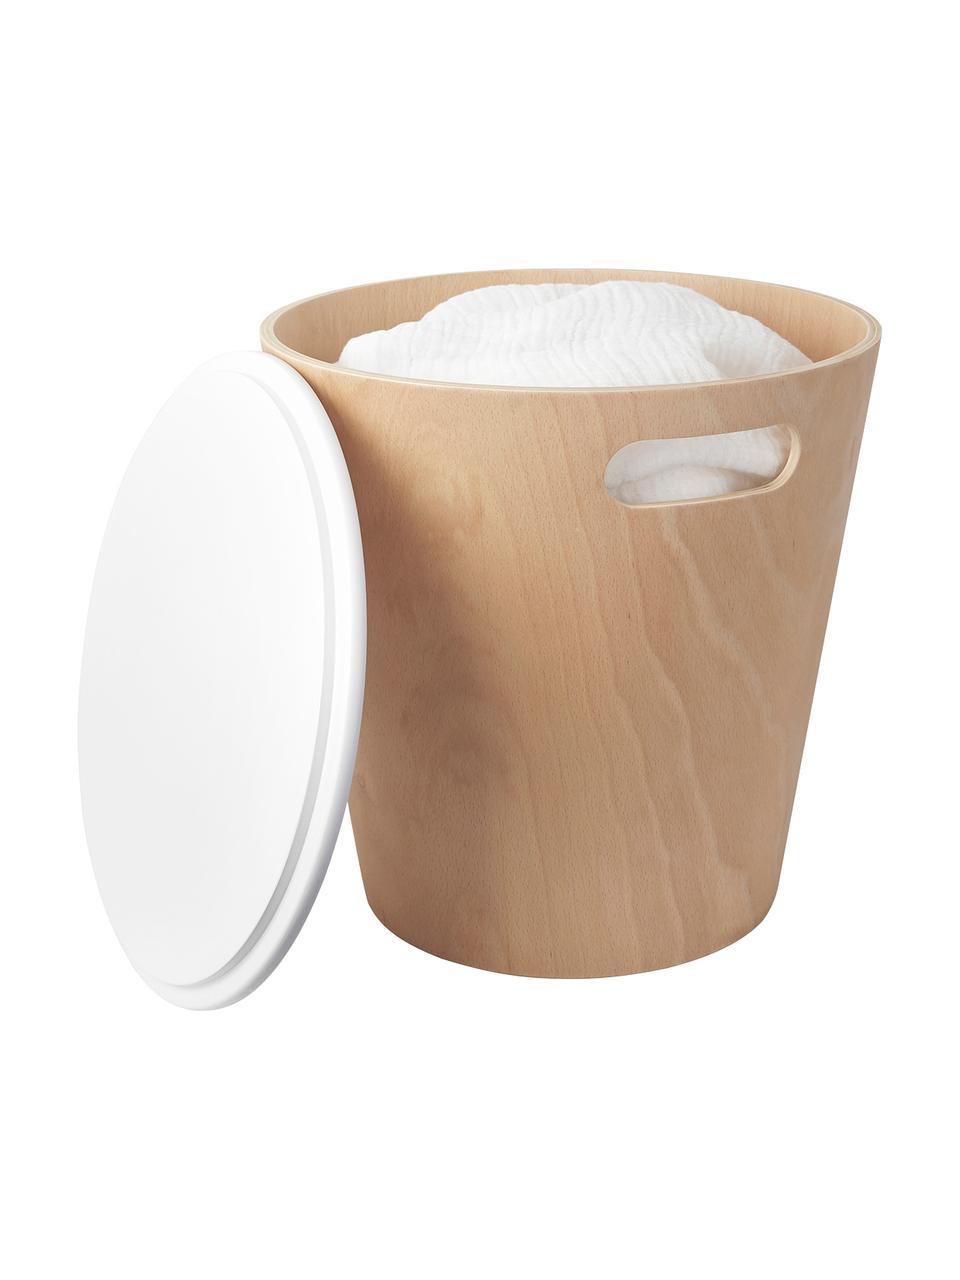 Hocker / Beistelltisch Woodrow mit Stauraum, Holz, lackiert, Braun, Weiß, Ø 41 x H 42 cm